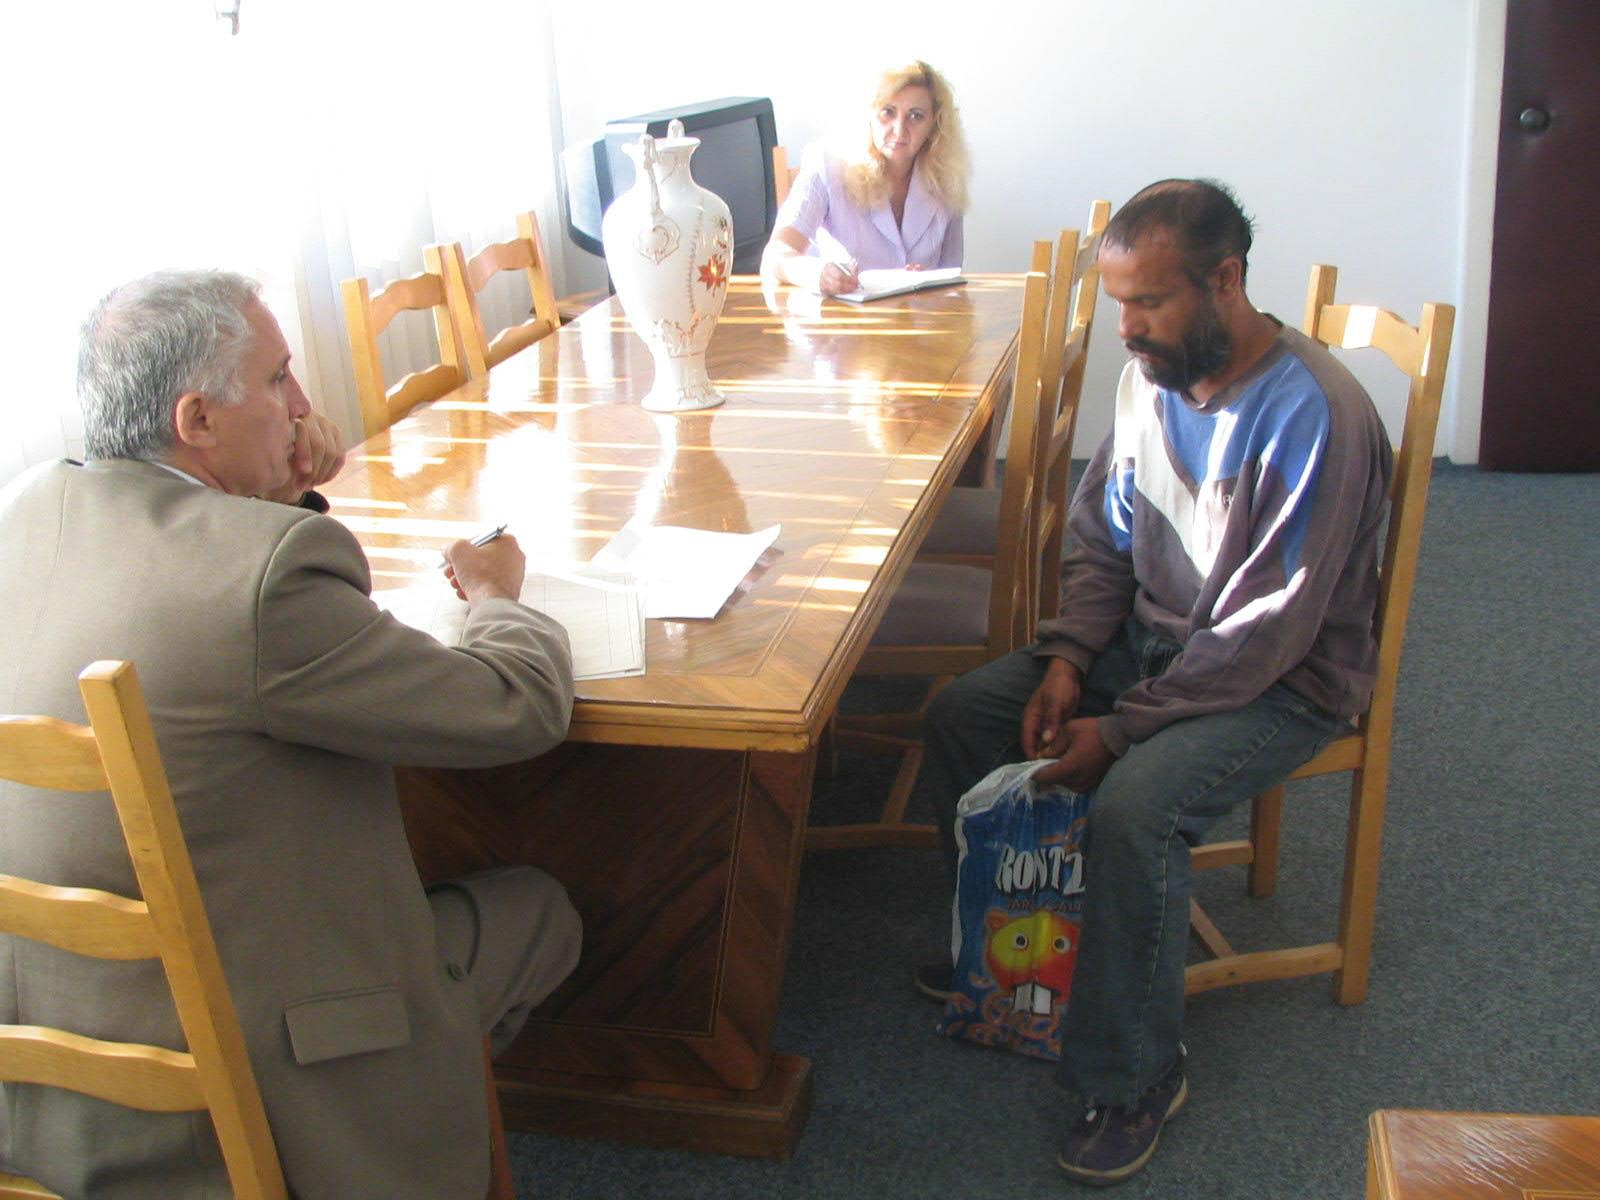 Program gratuit de psihoterapie oferit de UVT persoanelor cu un nivel ridicat de anxietate